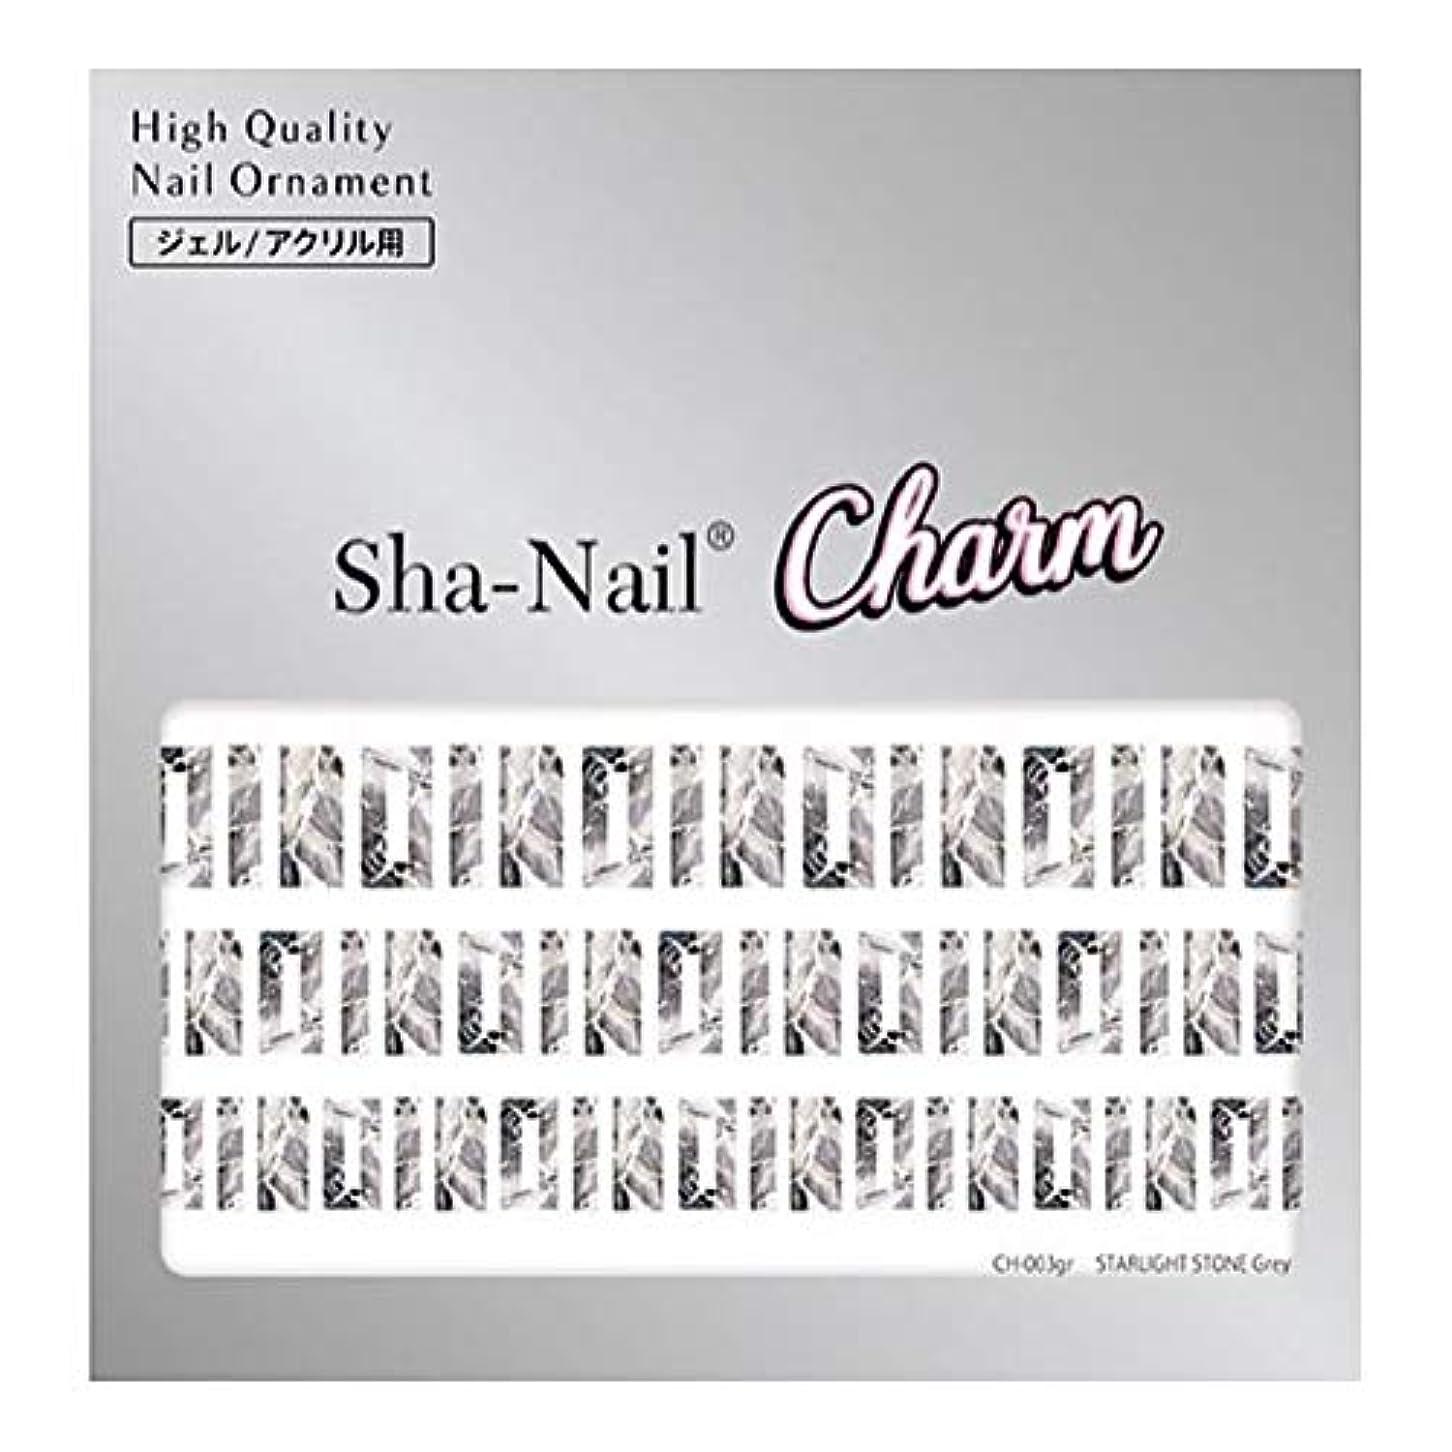 適合する適用するキーSha-Nail Charm(シャネイルチャーム) Sha-Nail Charm スターライトストーン グレー 1枚